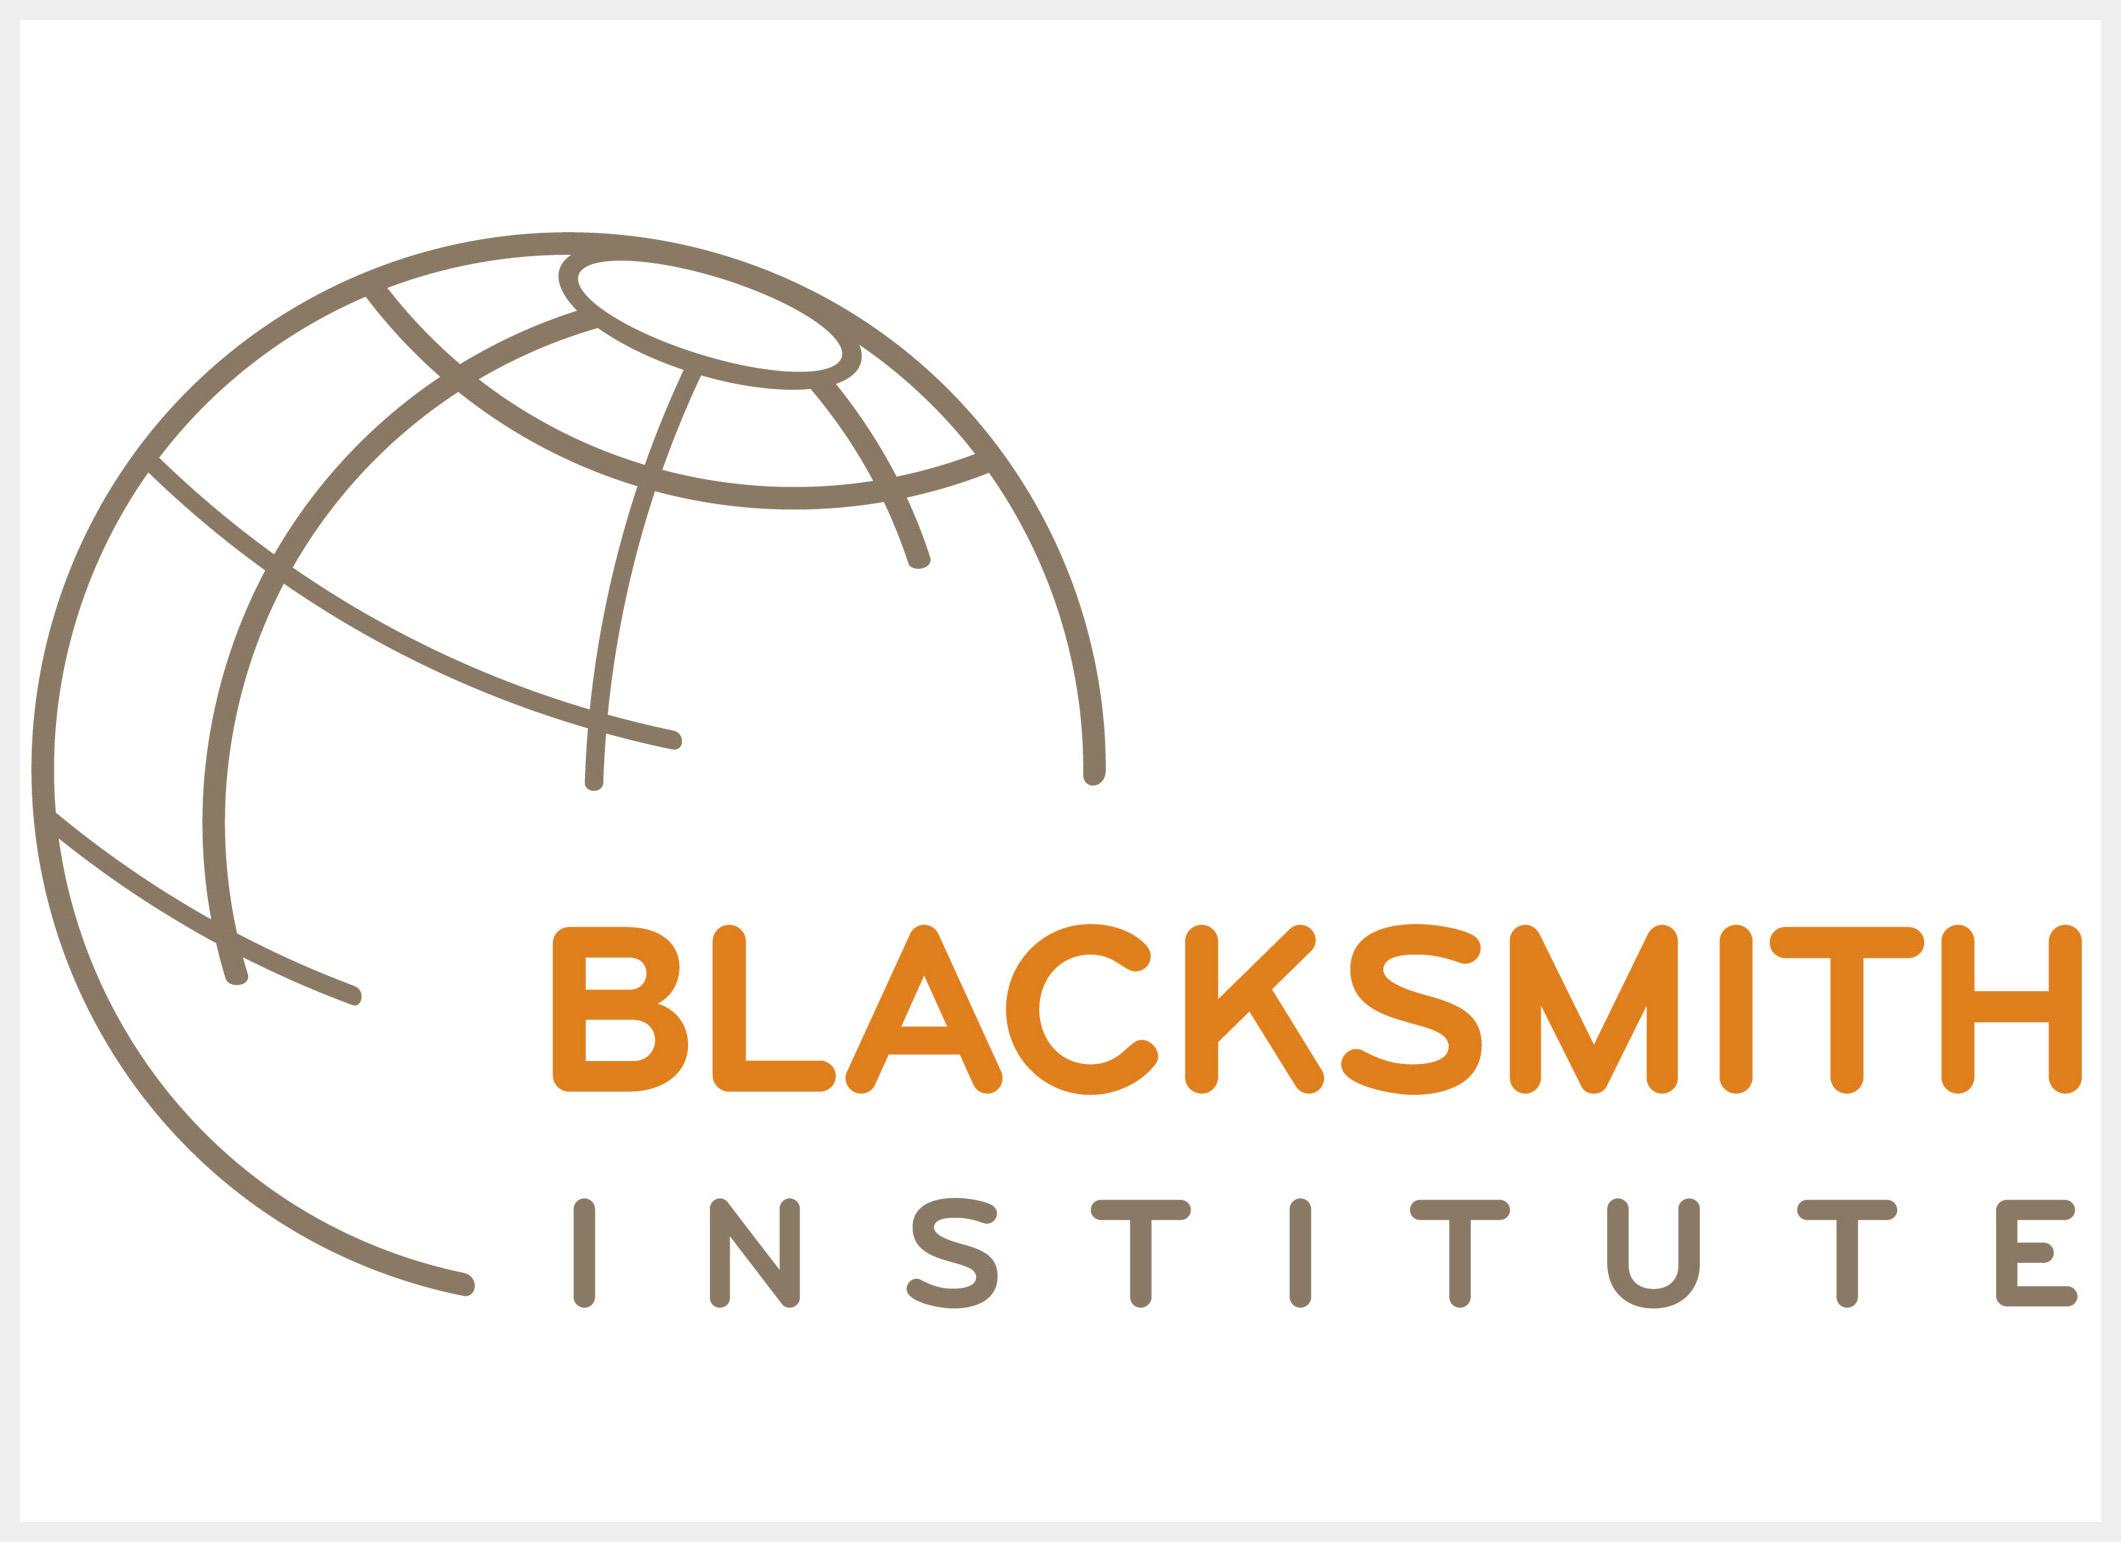 <p>Blacksmith Institute, Inc.</p>